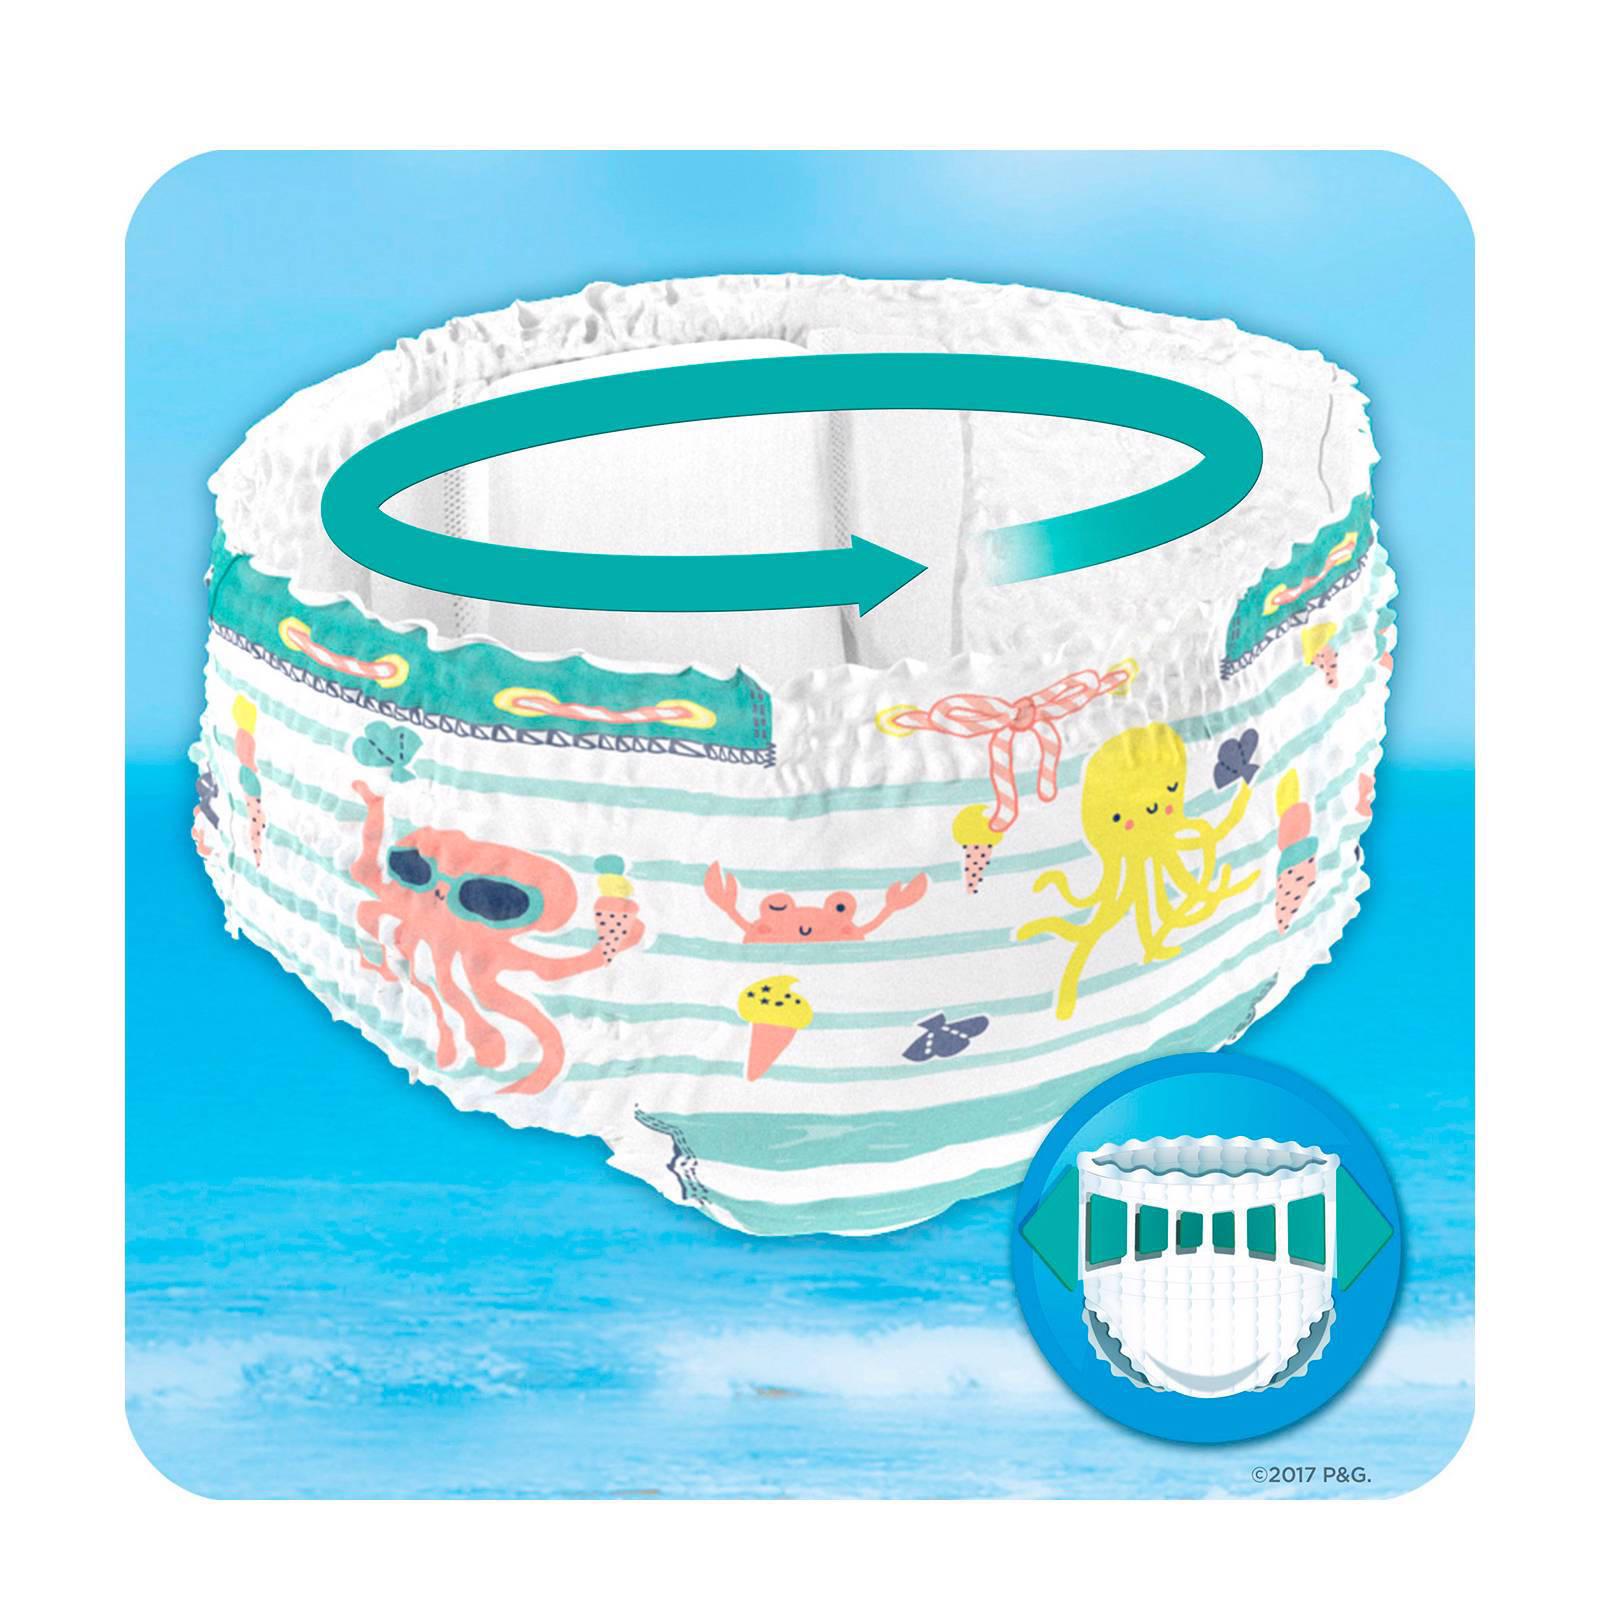 Bekend Pampers Splashers maat 4-5 (9-15 kg) 11 wegwerpbare zwemluiers AV03